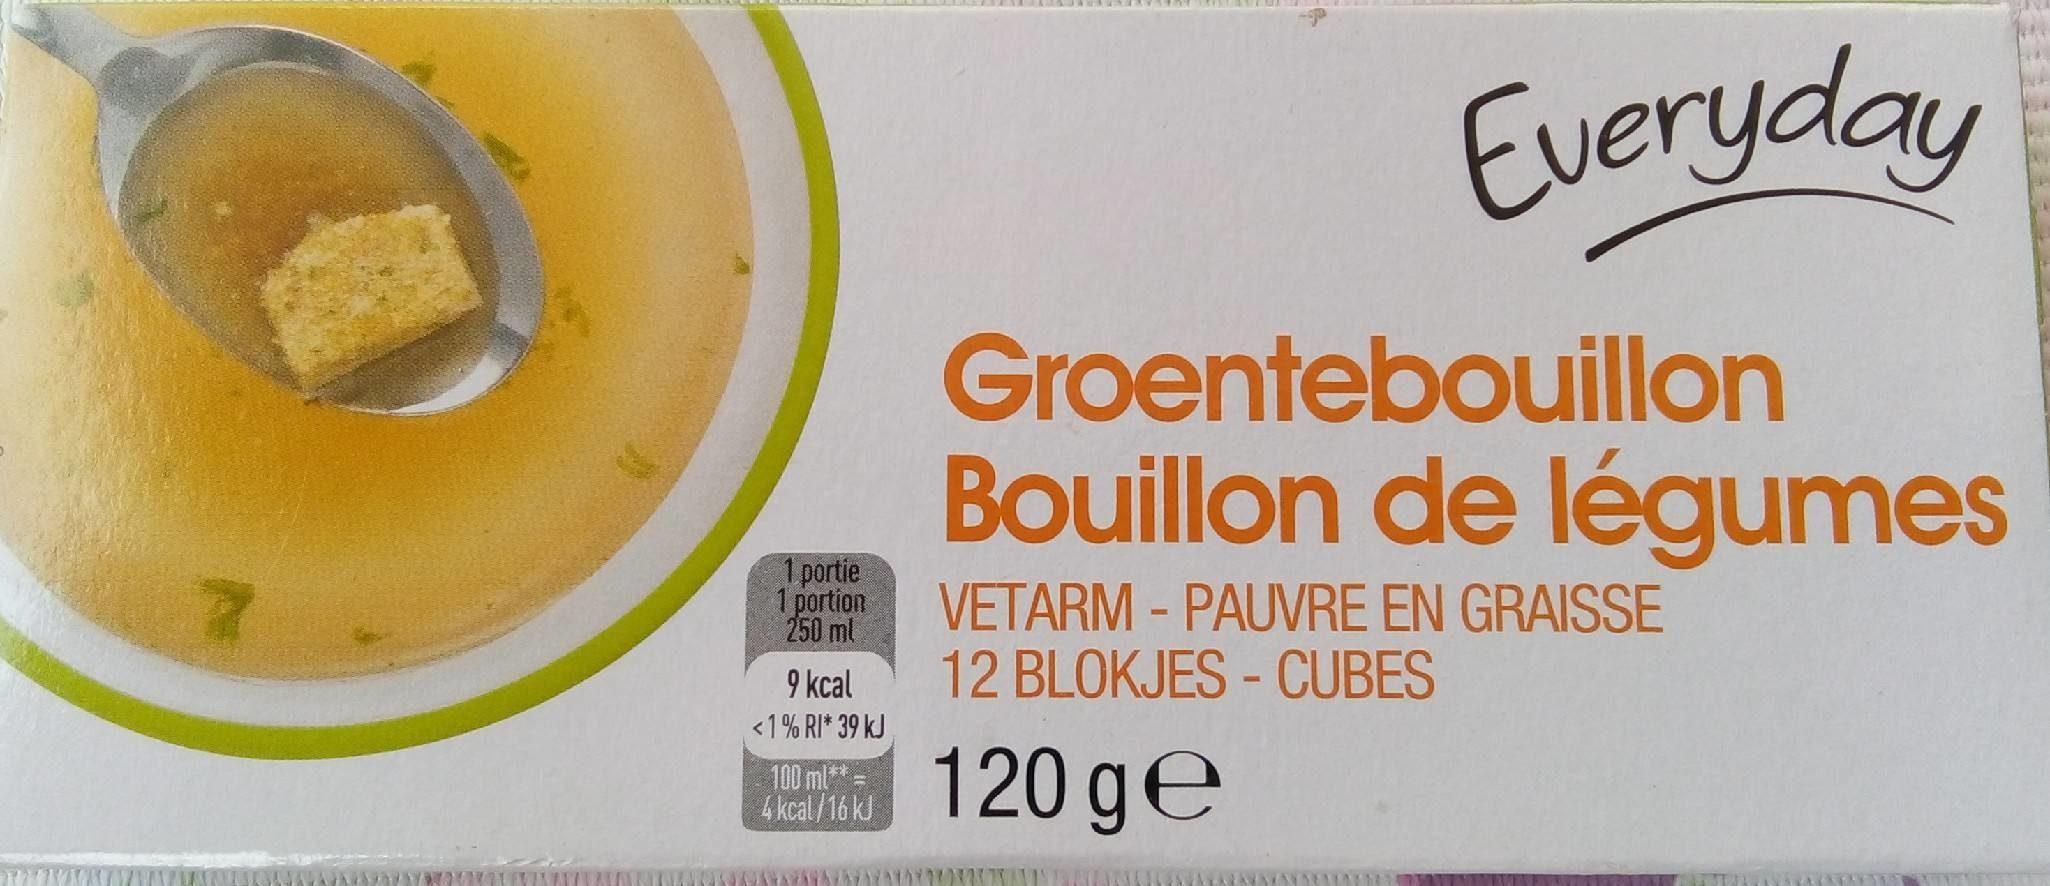 Cube bouillon de légumes - Product - fr